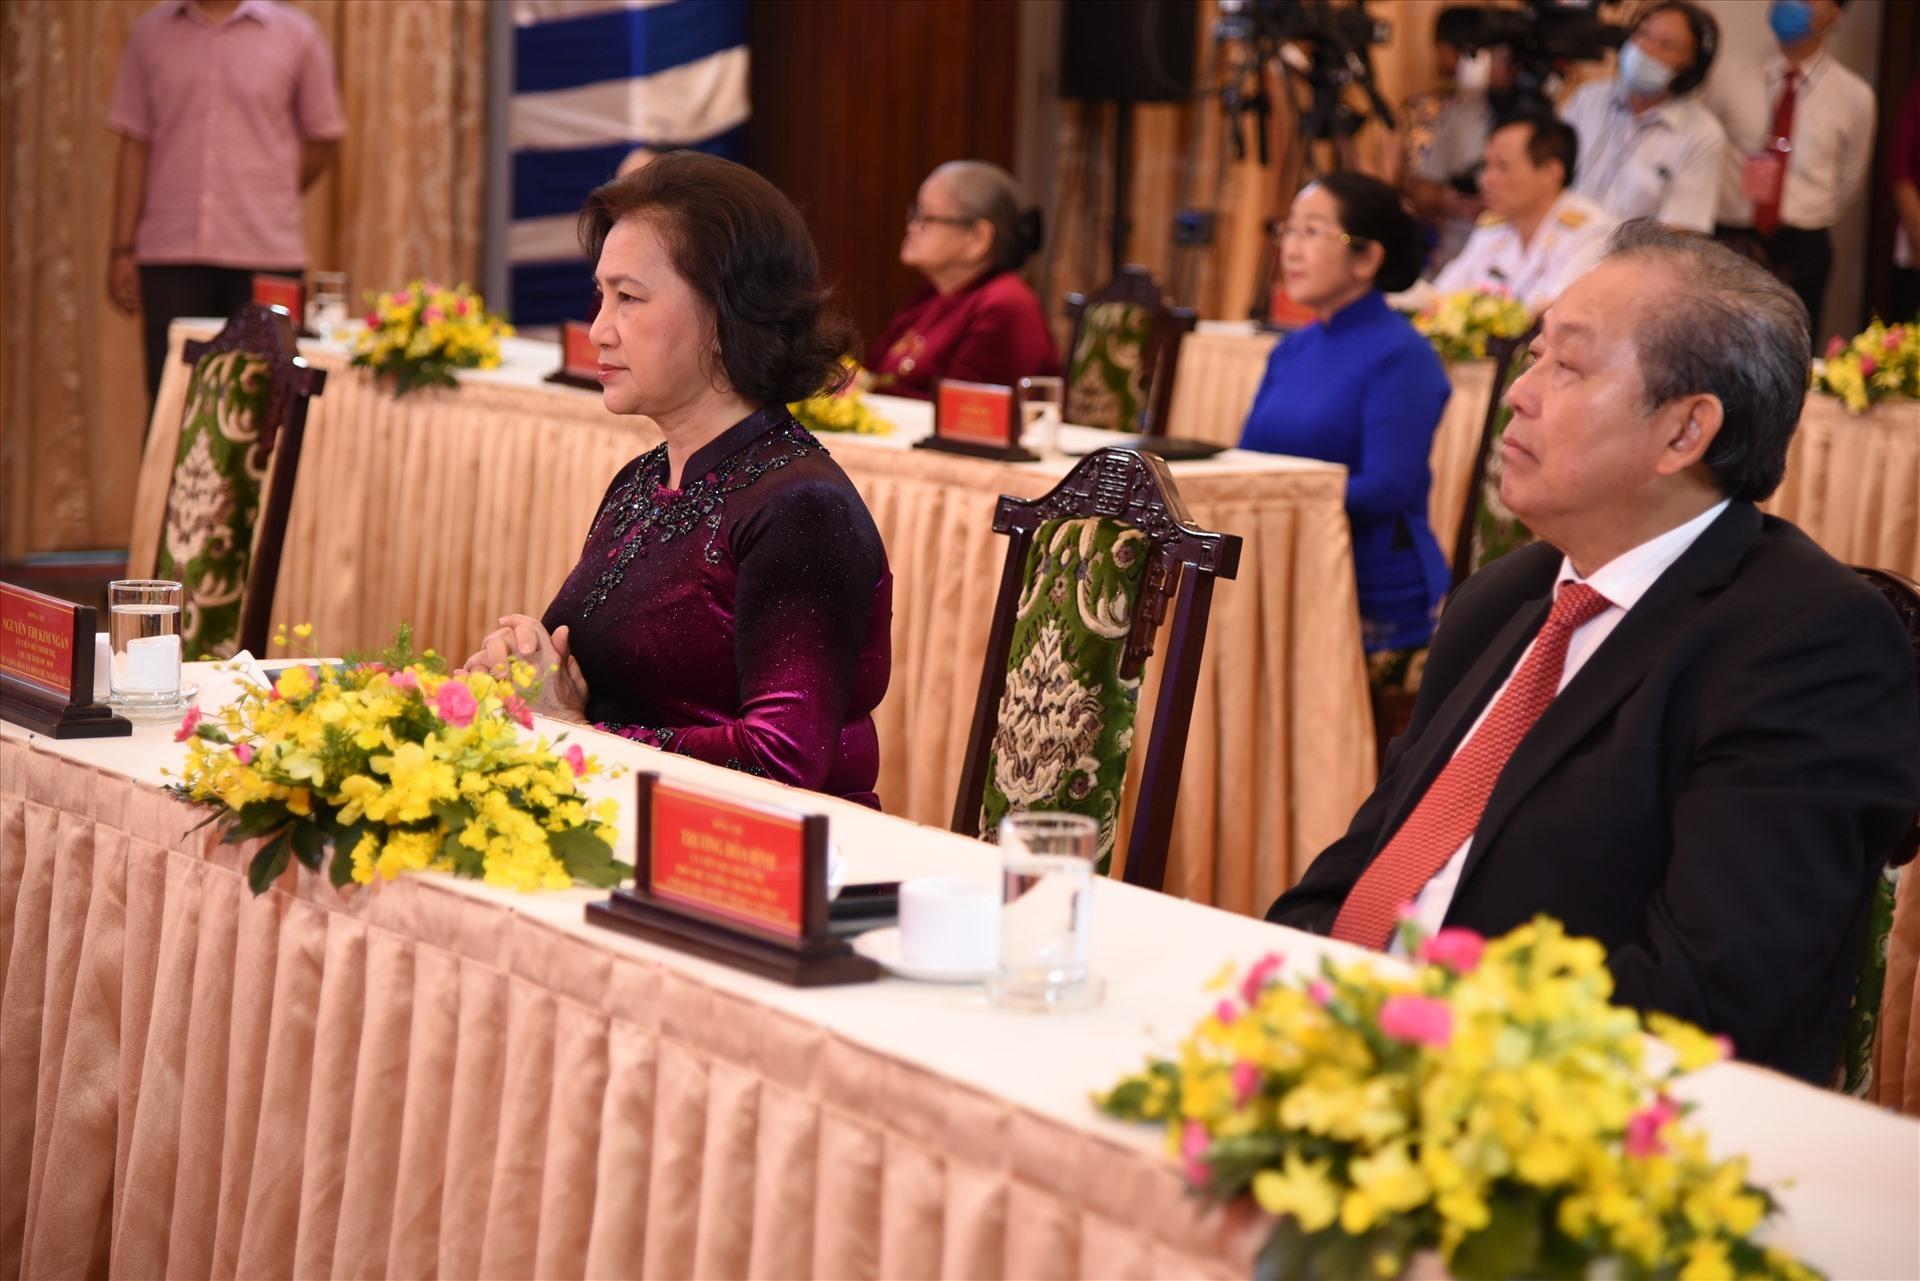 Chủ tịch Quốc hội Nguyễn Thị Kim Ngân và Phó Thủ tướng Thường trực Chính phủ Trương Hòa Bình tham dự lễ kỷ niệm. Ảnh Nam Dương